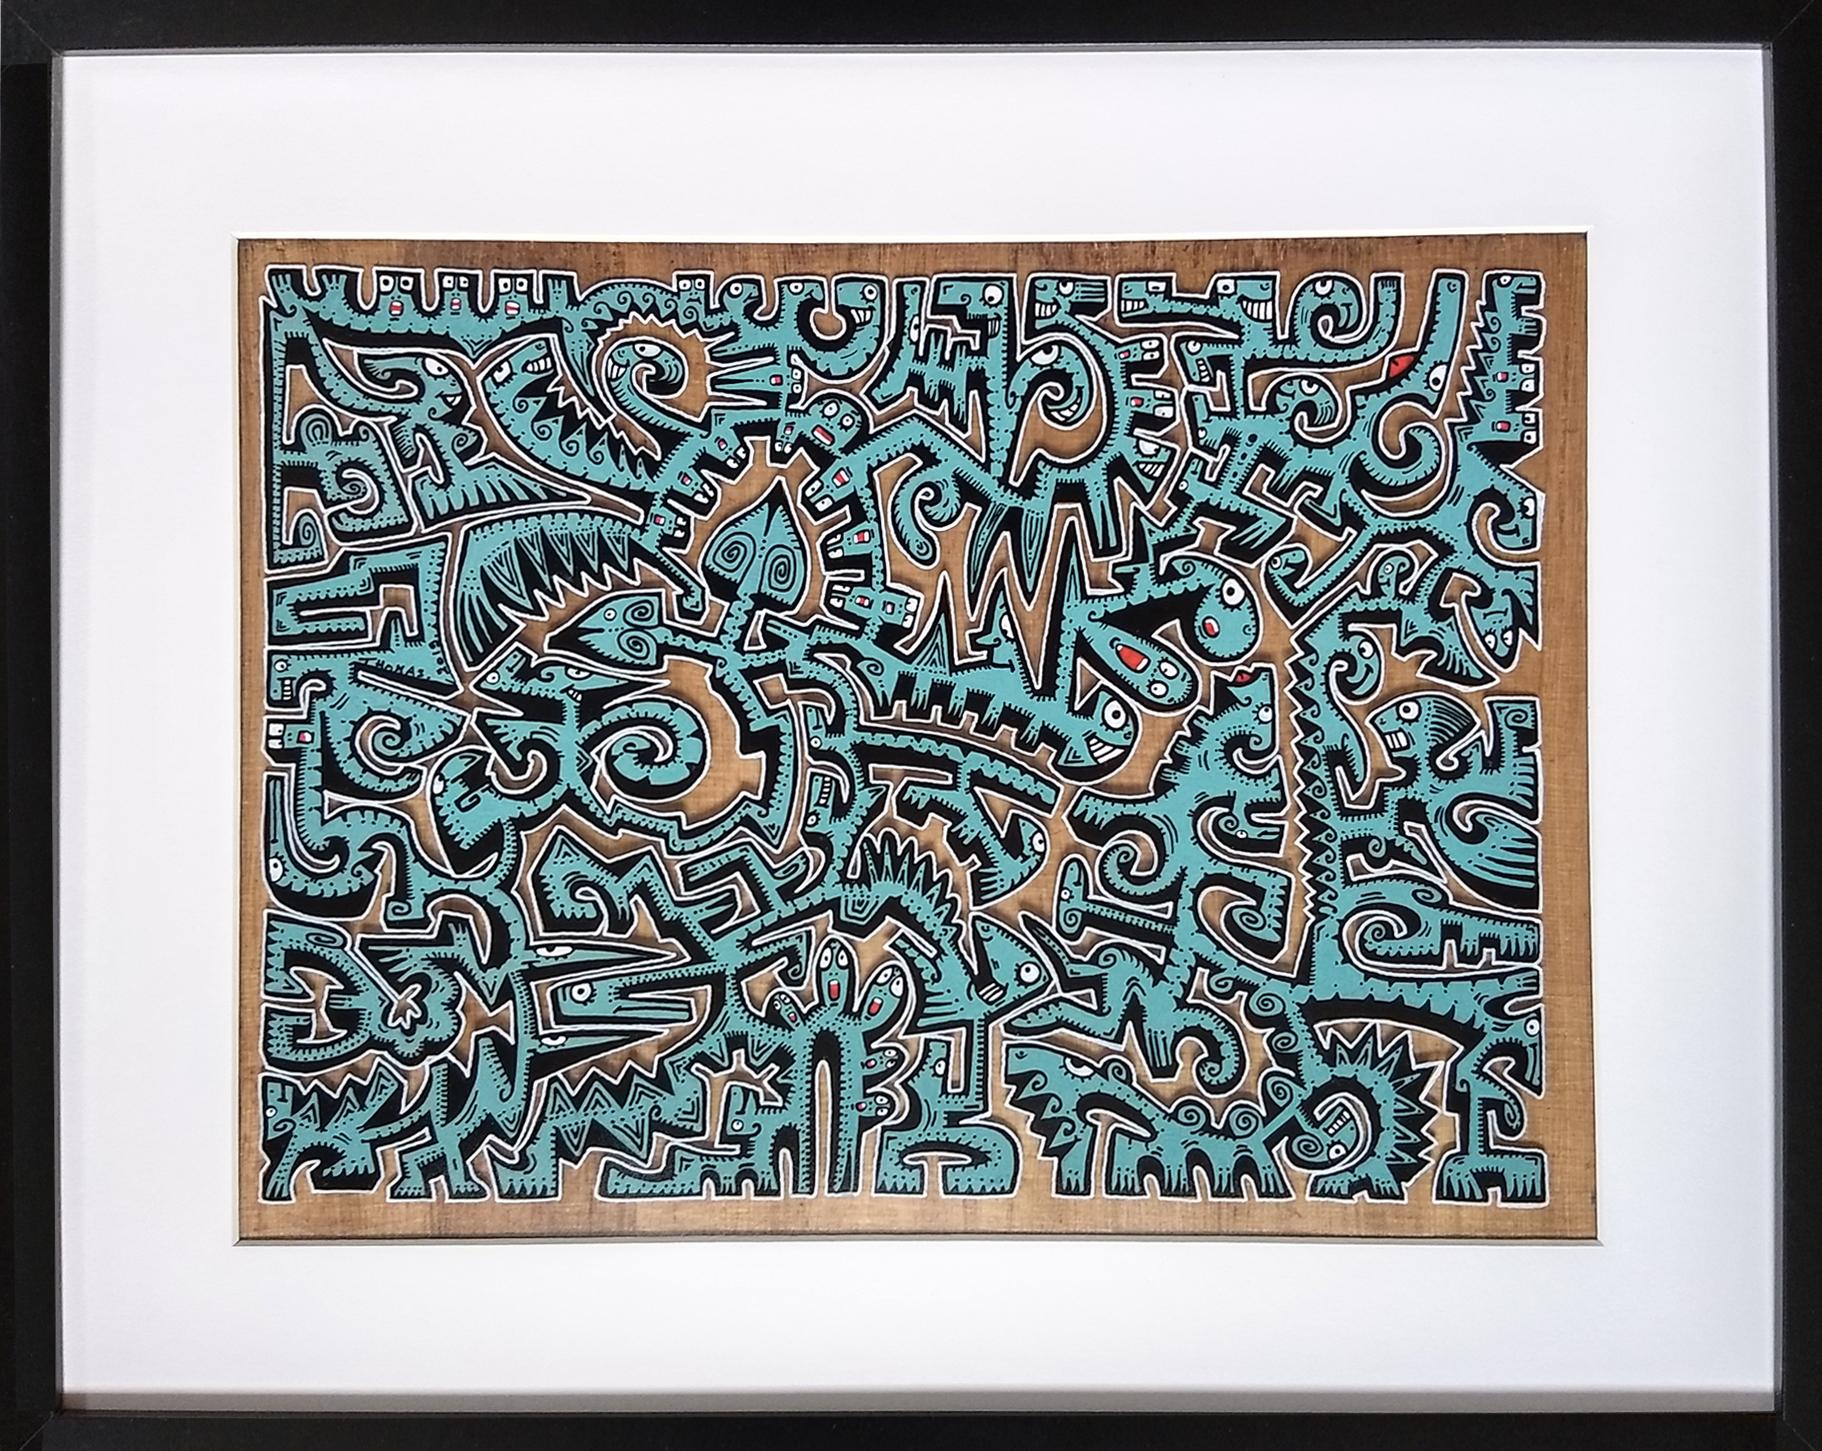 Titre : MT3/ feutres acrylique sur pvc transparent/fond papyrus antique/format avec cadre : 52.5/42 cm/ indisponible